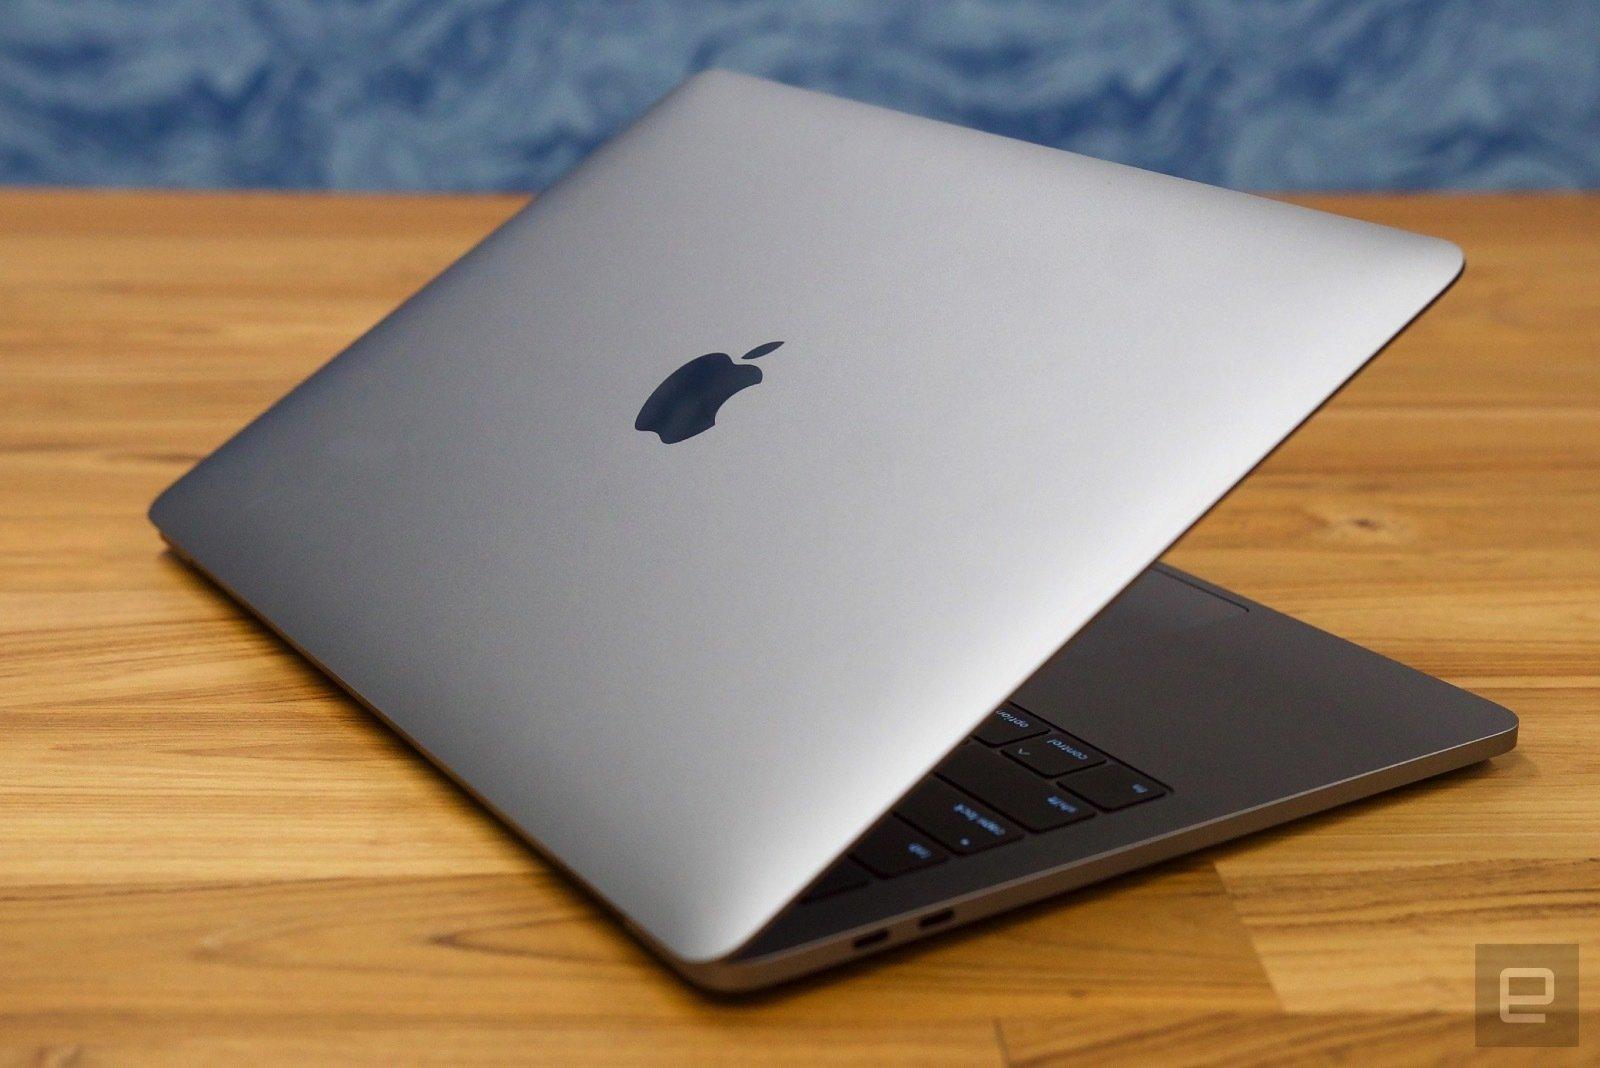 Apple's USB-C AV Dongle Updated for 4K HDR Video